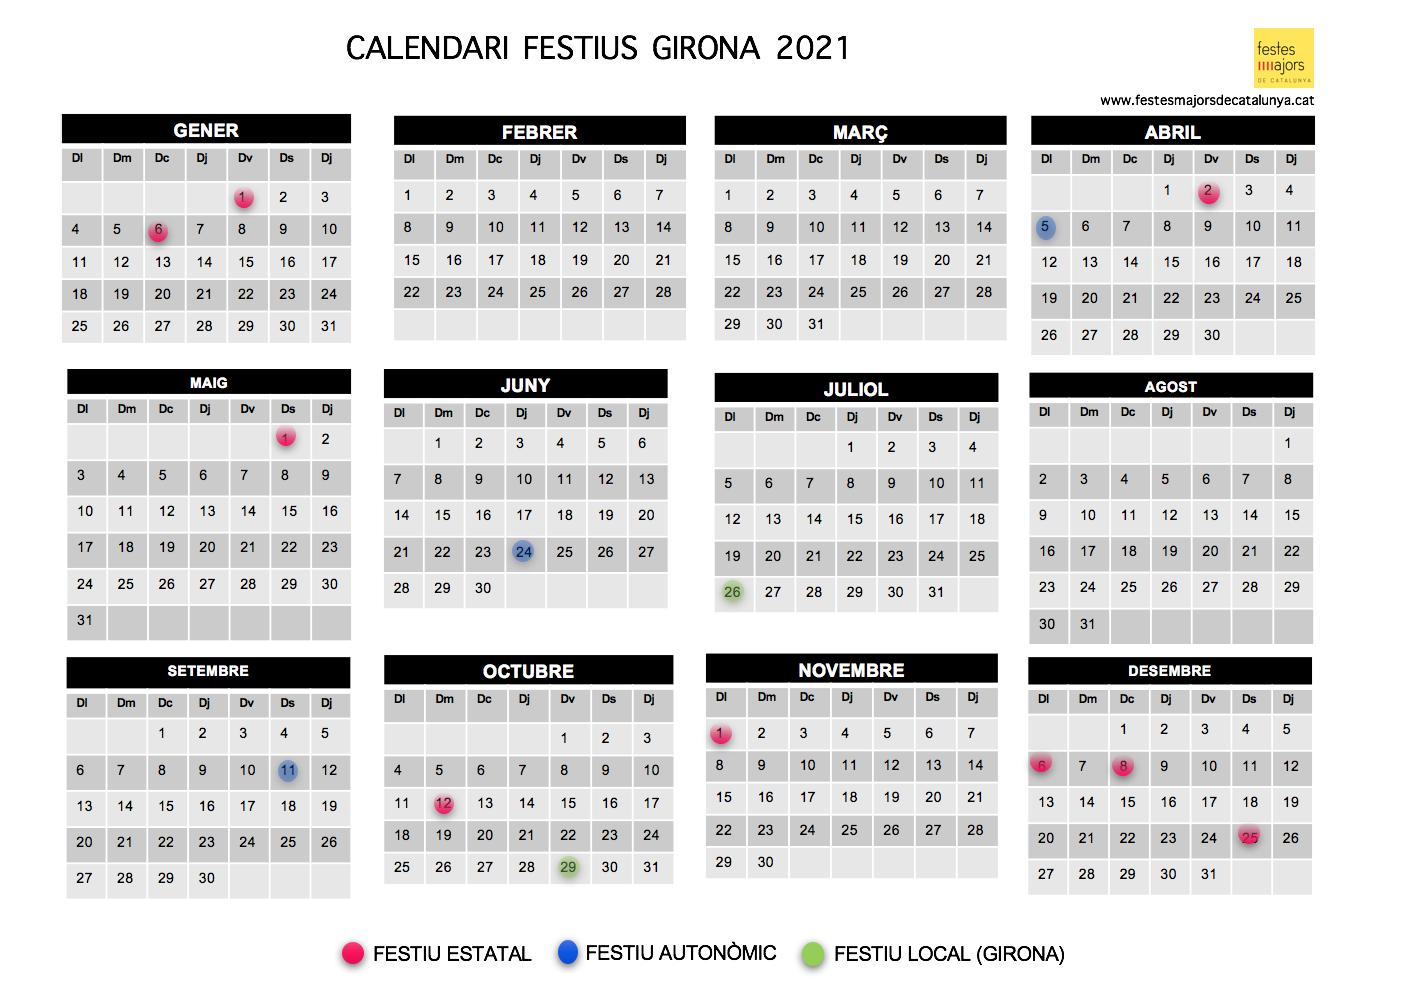 CALENDARI LABORAL 2021 GIRONA - CALENDARI FESTIUS 2021